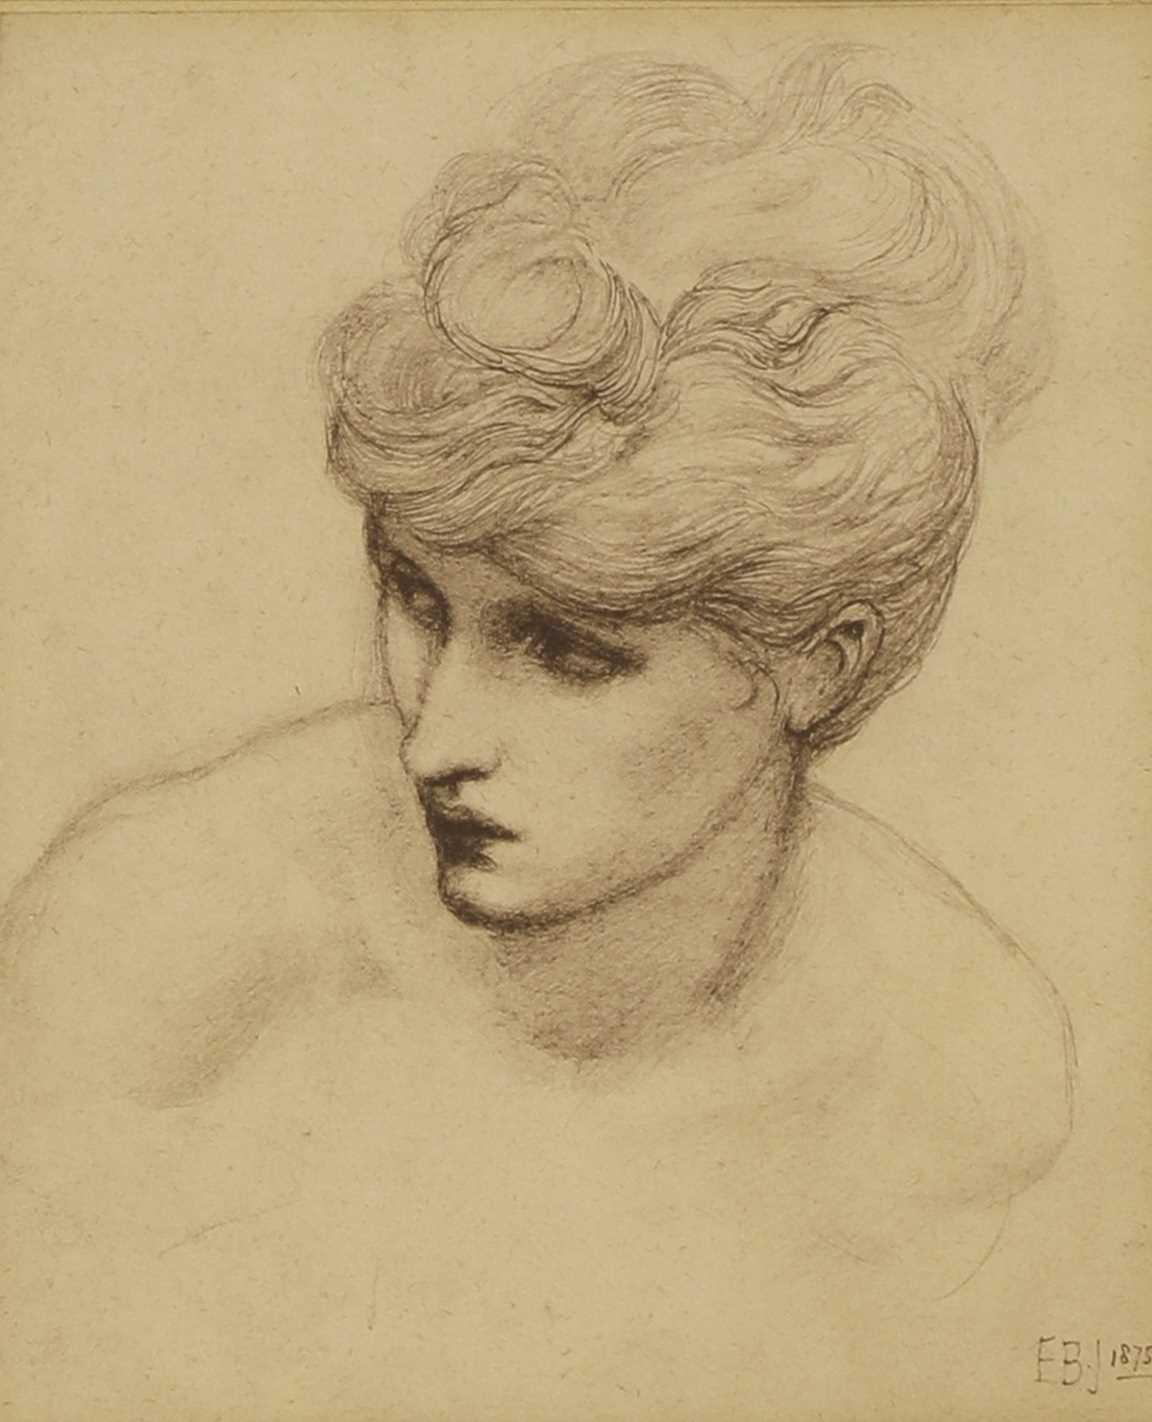 After Edward Coley Burne-Jones (1833-1898) - Image 3 of 3